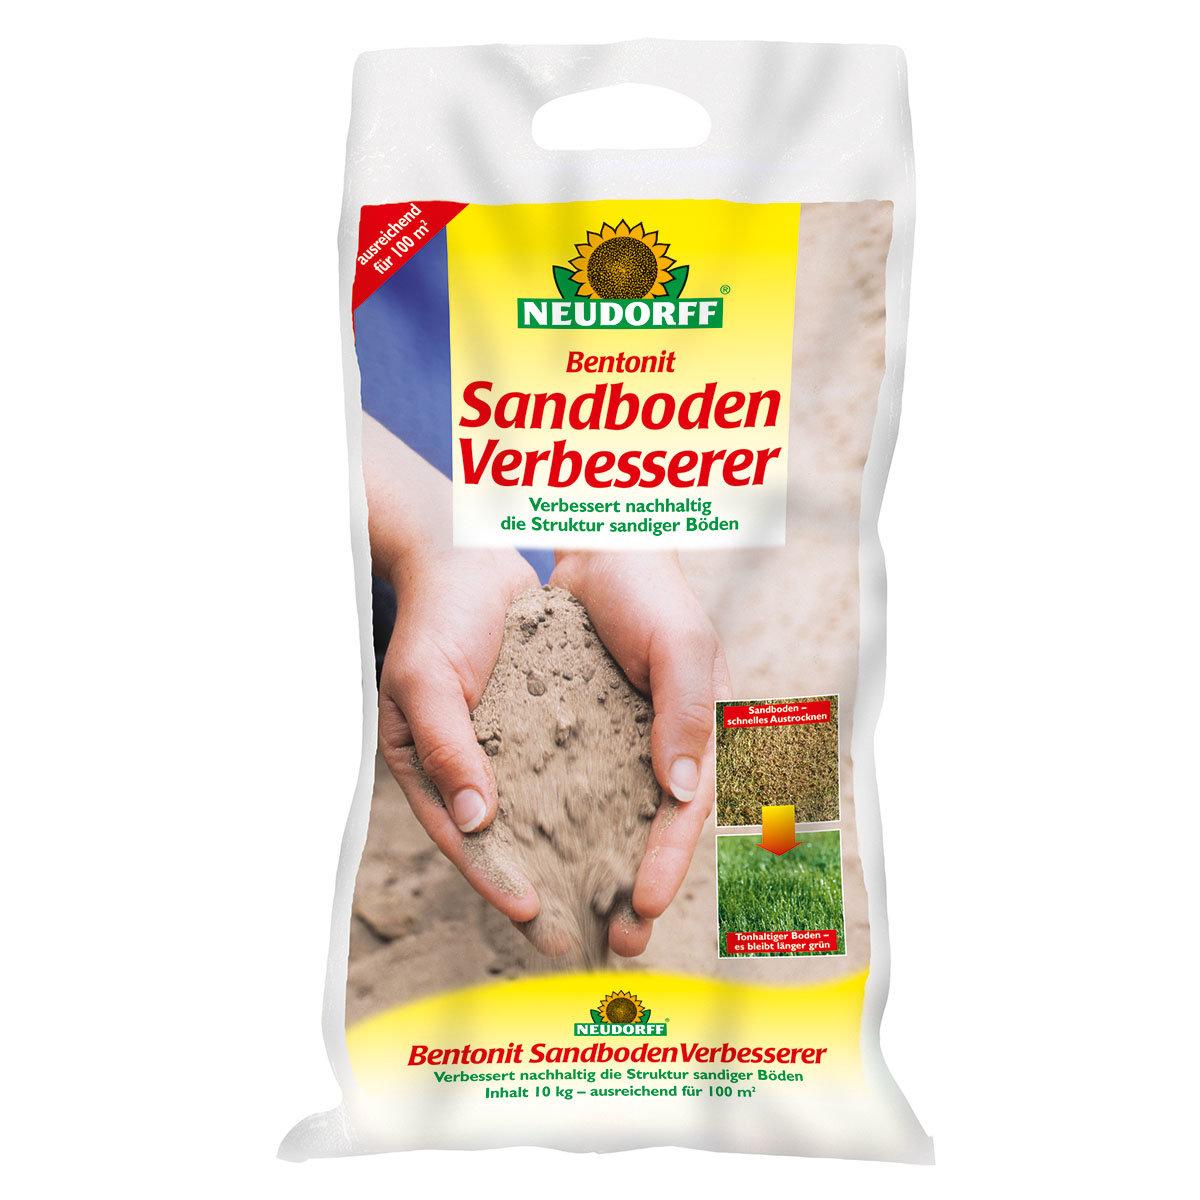 Neudorff Betonit SandbodenVerbesserer, 10 kg